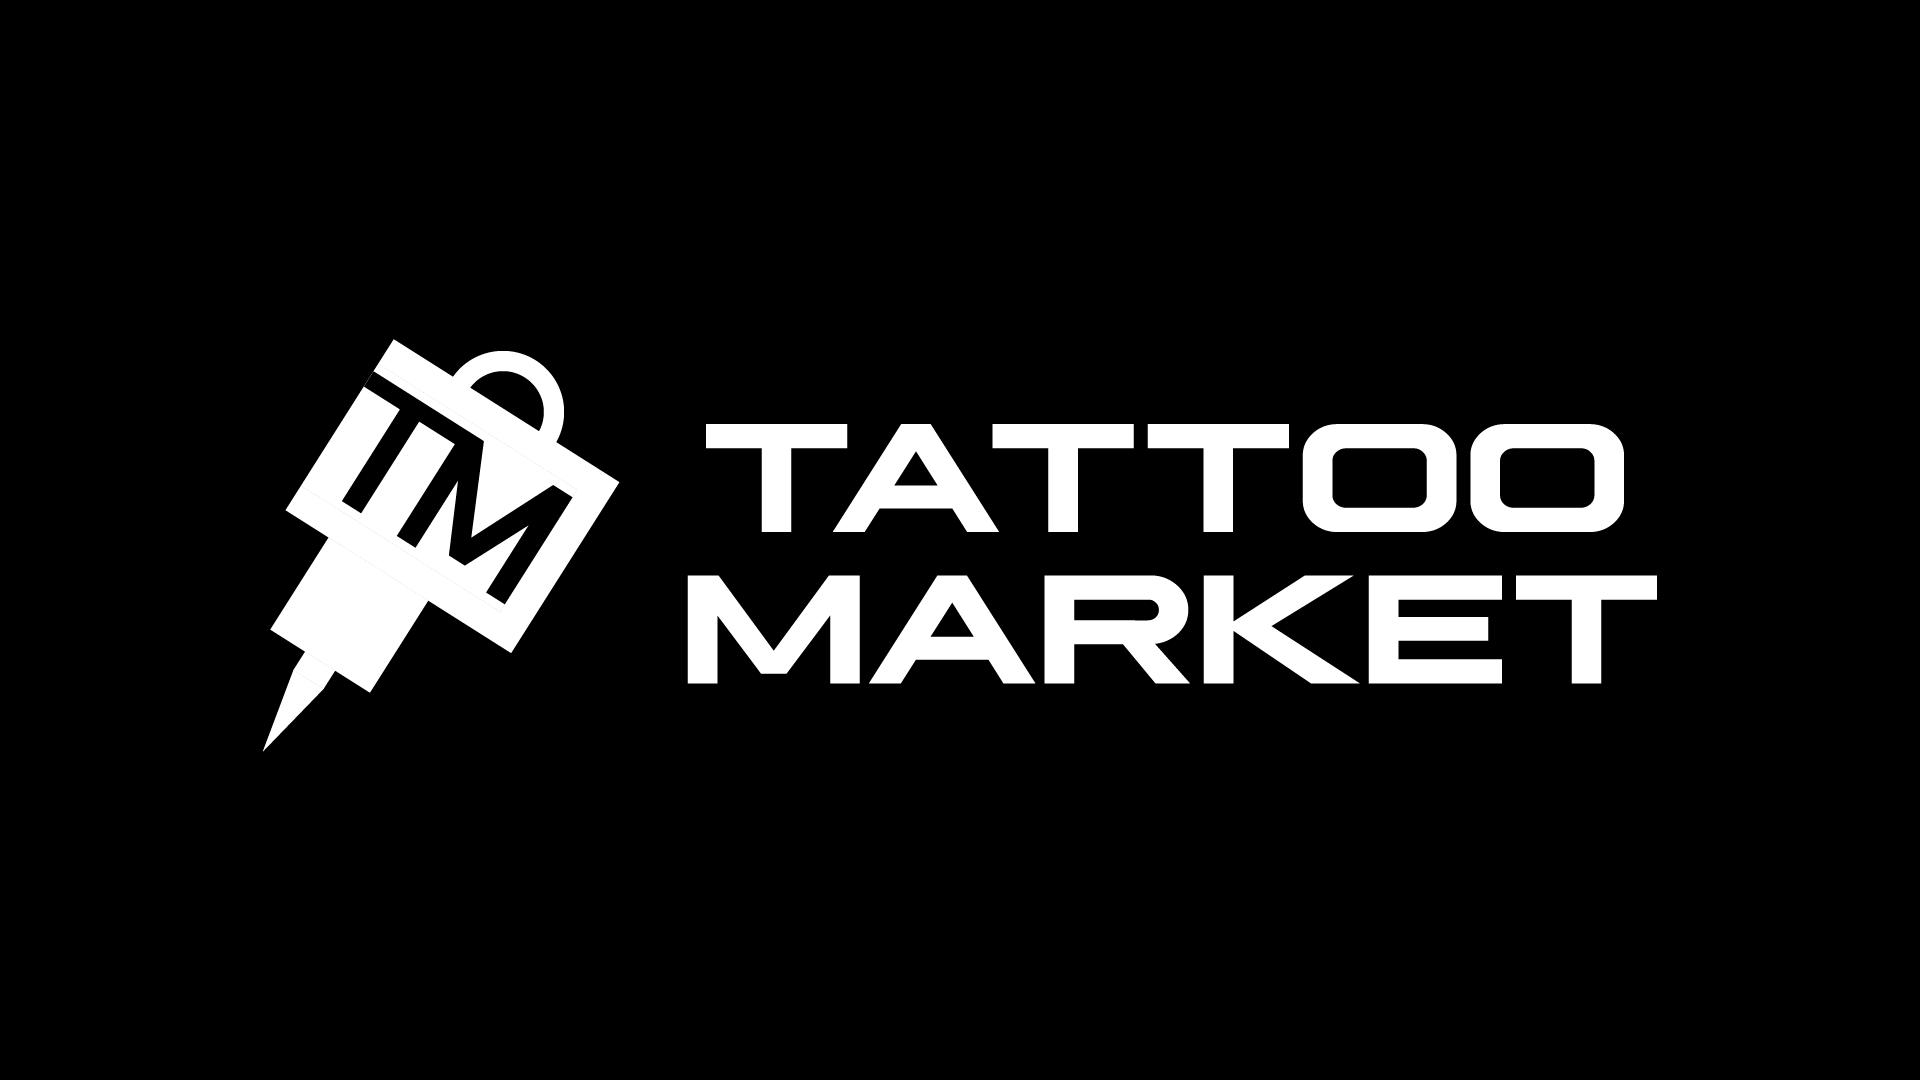 Редизайн логотипа магазина тату оборудования TattooMarket.ru фото f_2535c408c4d575d9.png